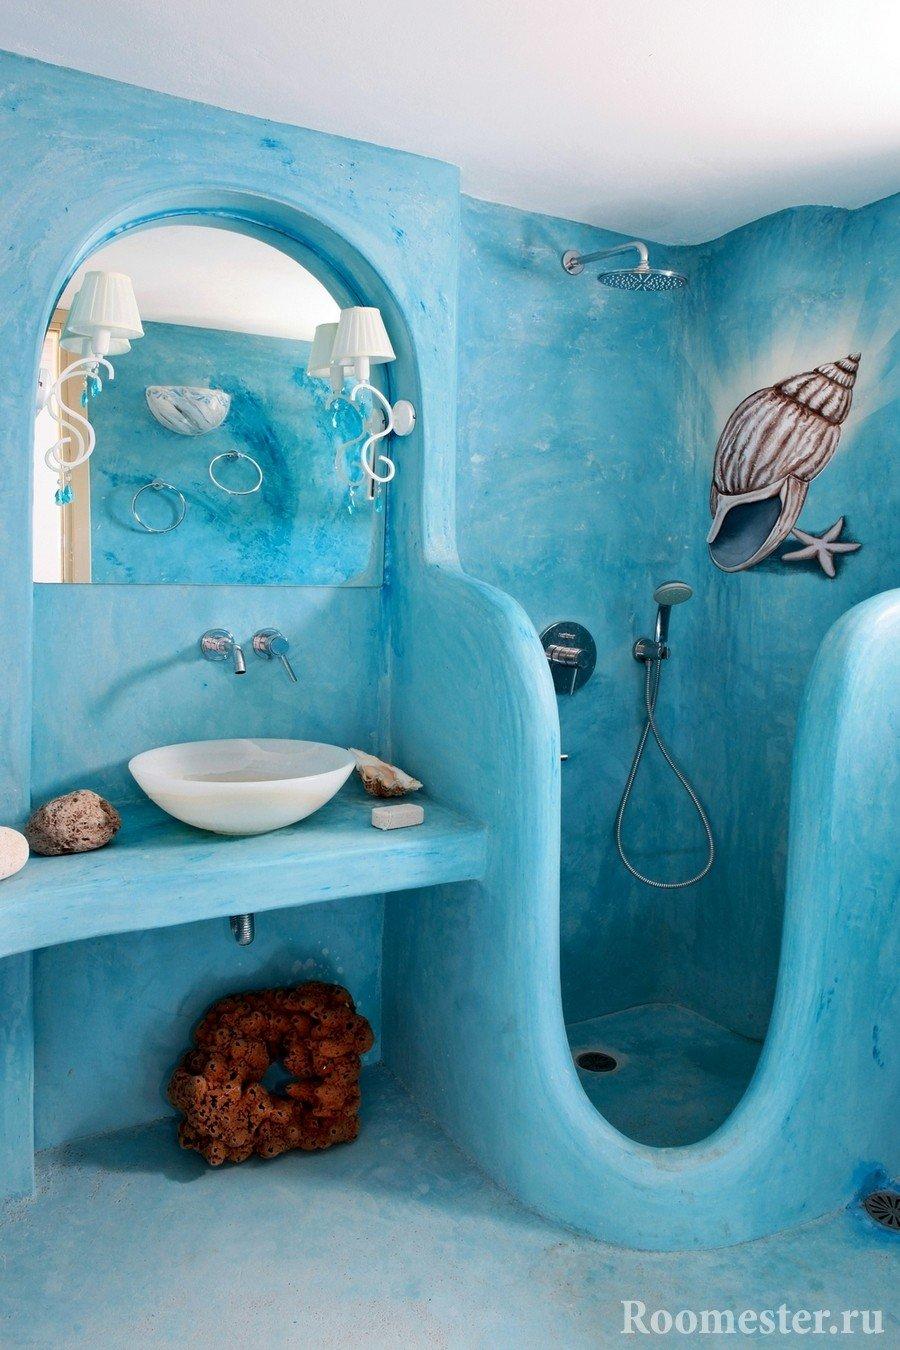 Blue shower design